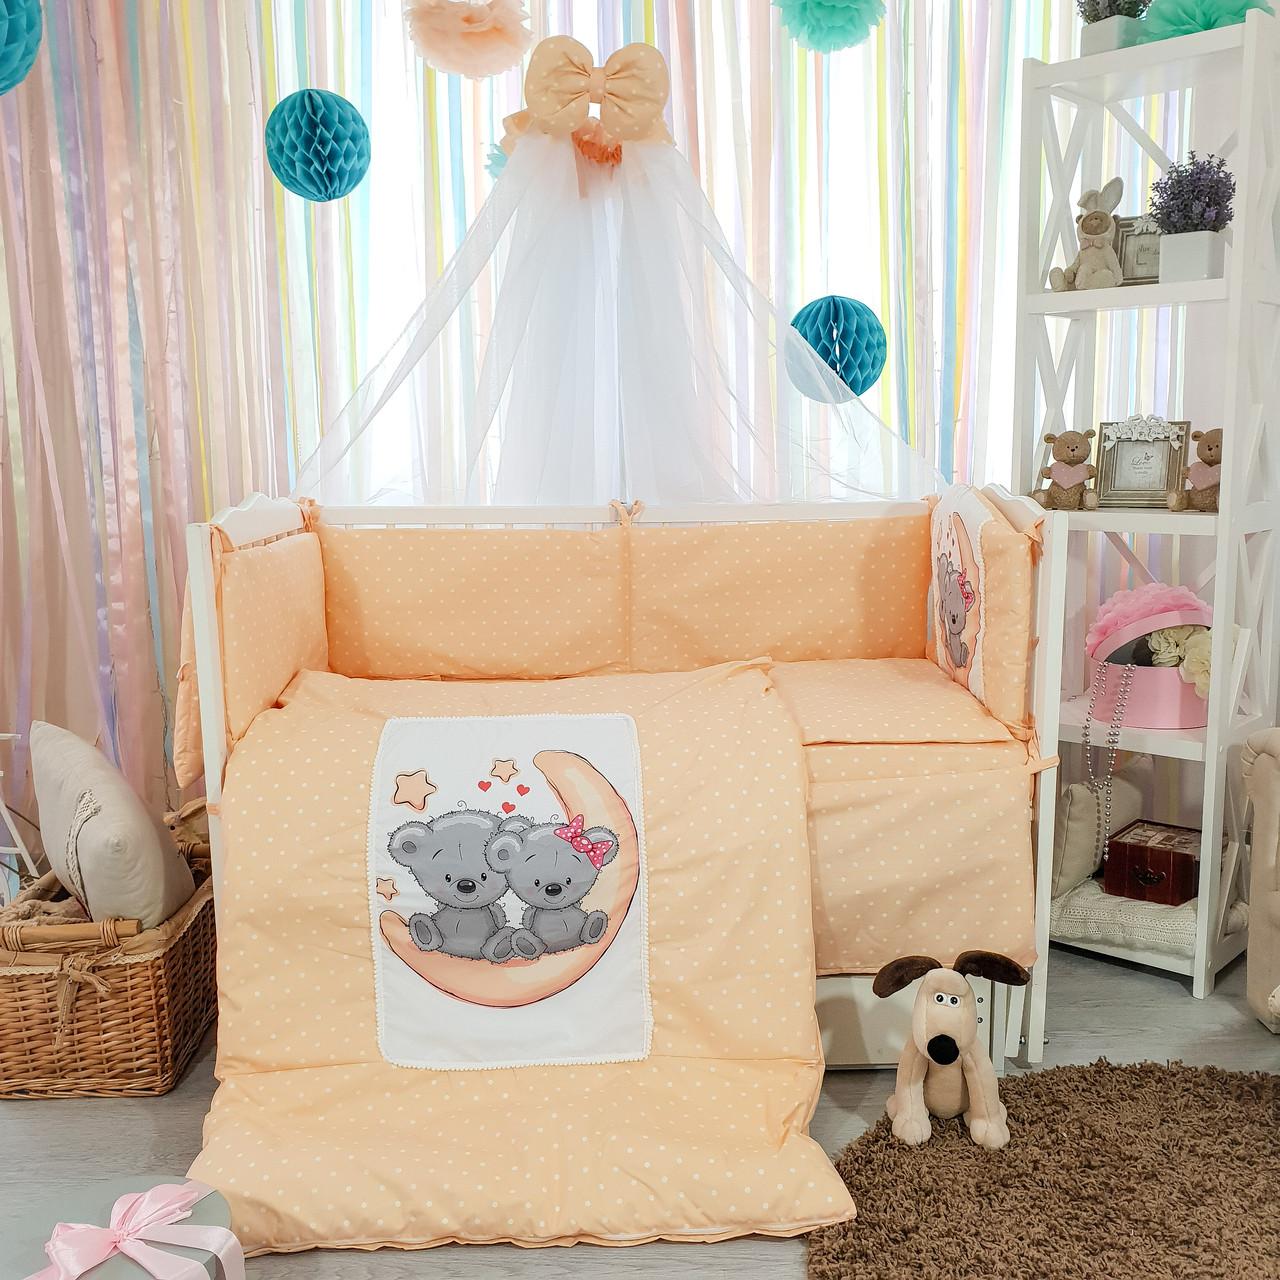 Детская постель Милашки на месяце 8 элементов (цвета в ассортименте)Бесплатная доставк